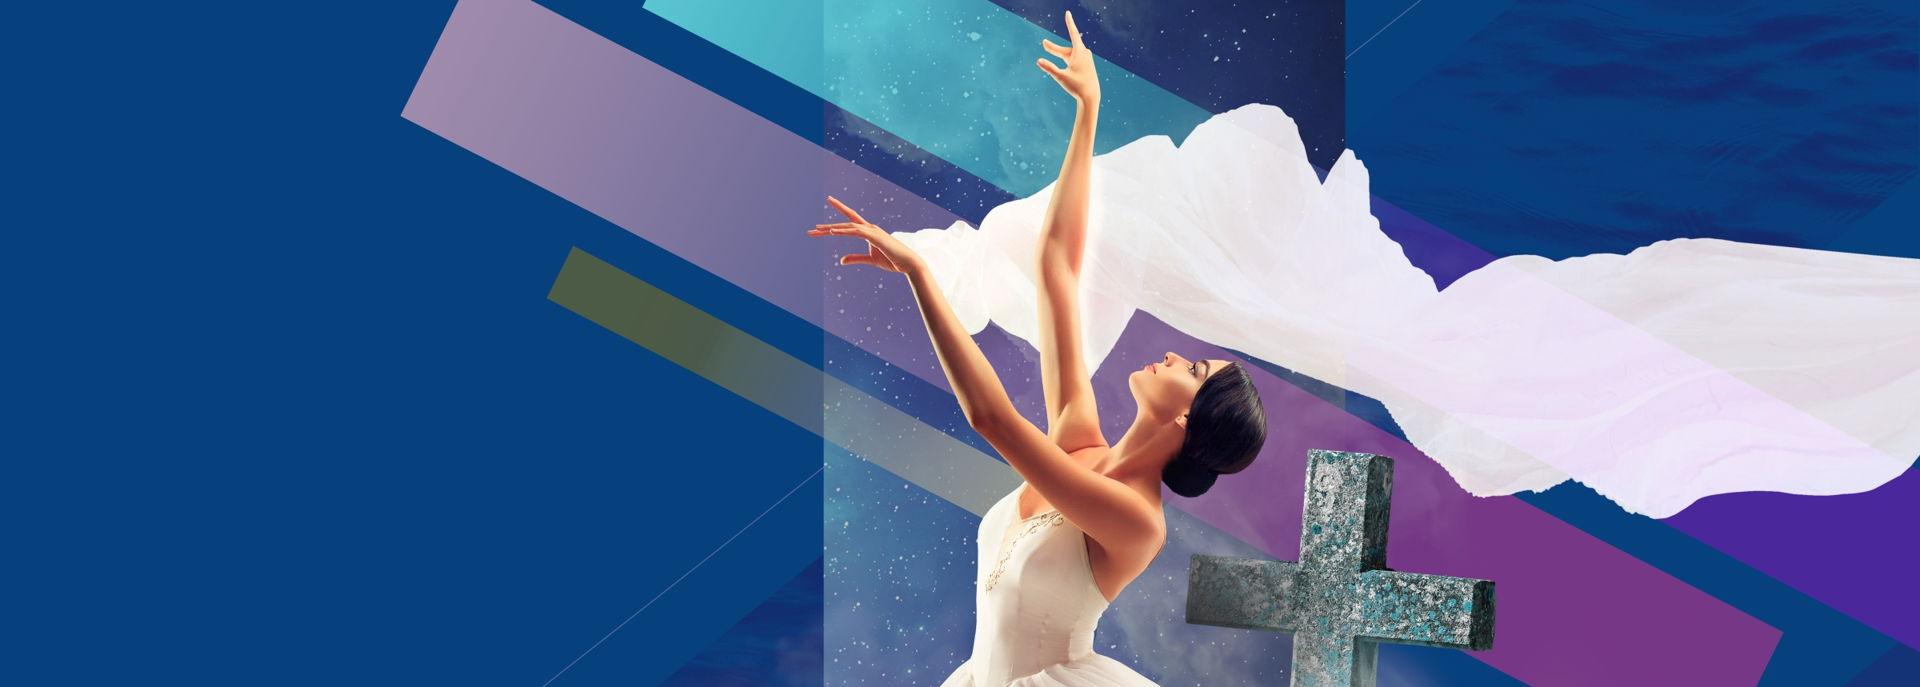 Dit romantische ballet wordt door het Charkov City Opera & Ballet op vernieuwde wijze uitgevoerd, live met groot orkest. Giselle neemt haar leven als ze beseft dat haar geliefde haar bedrogen heeft. 's Nachts regeren de Wili's over het kerkhof.